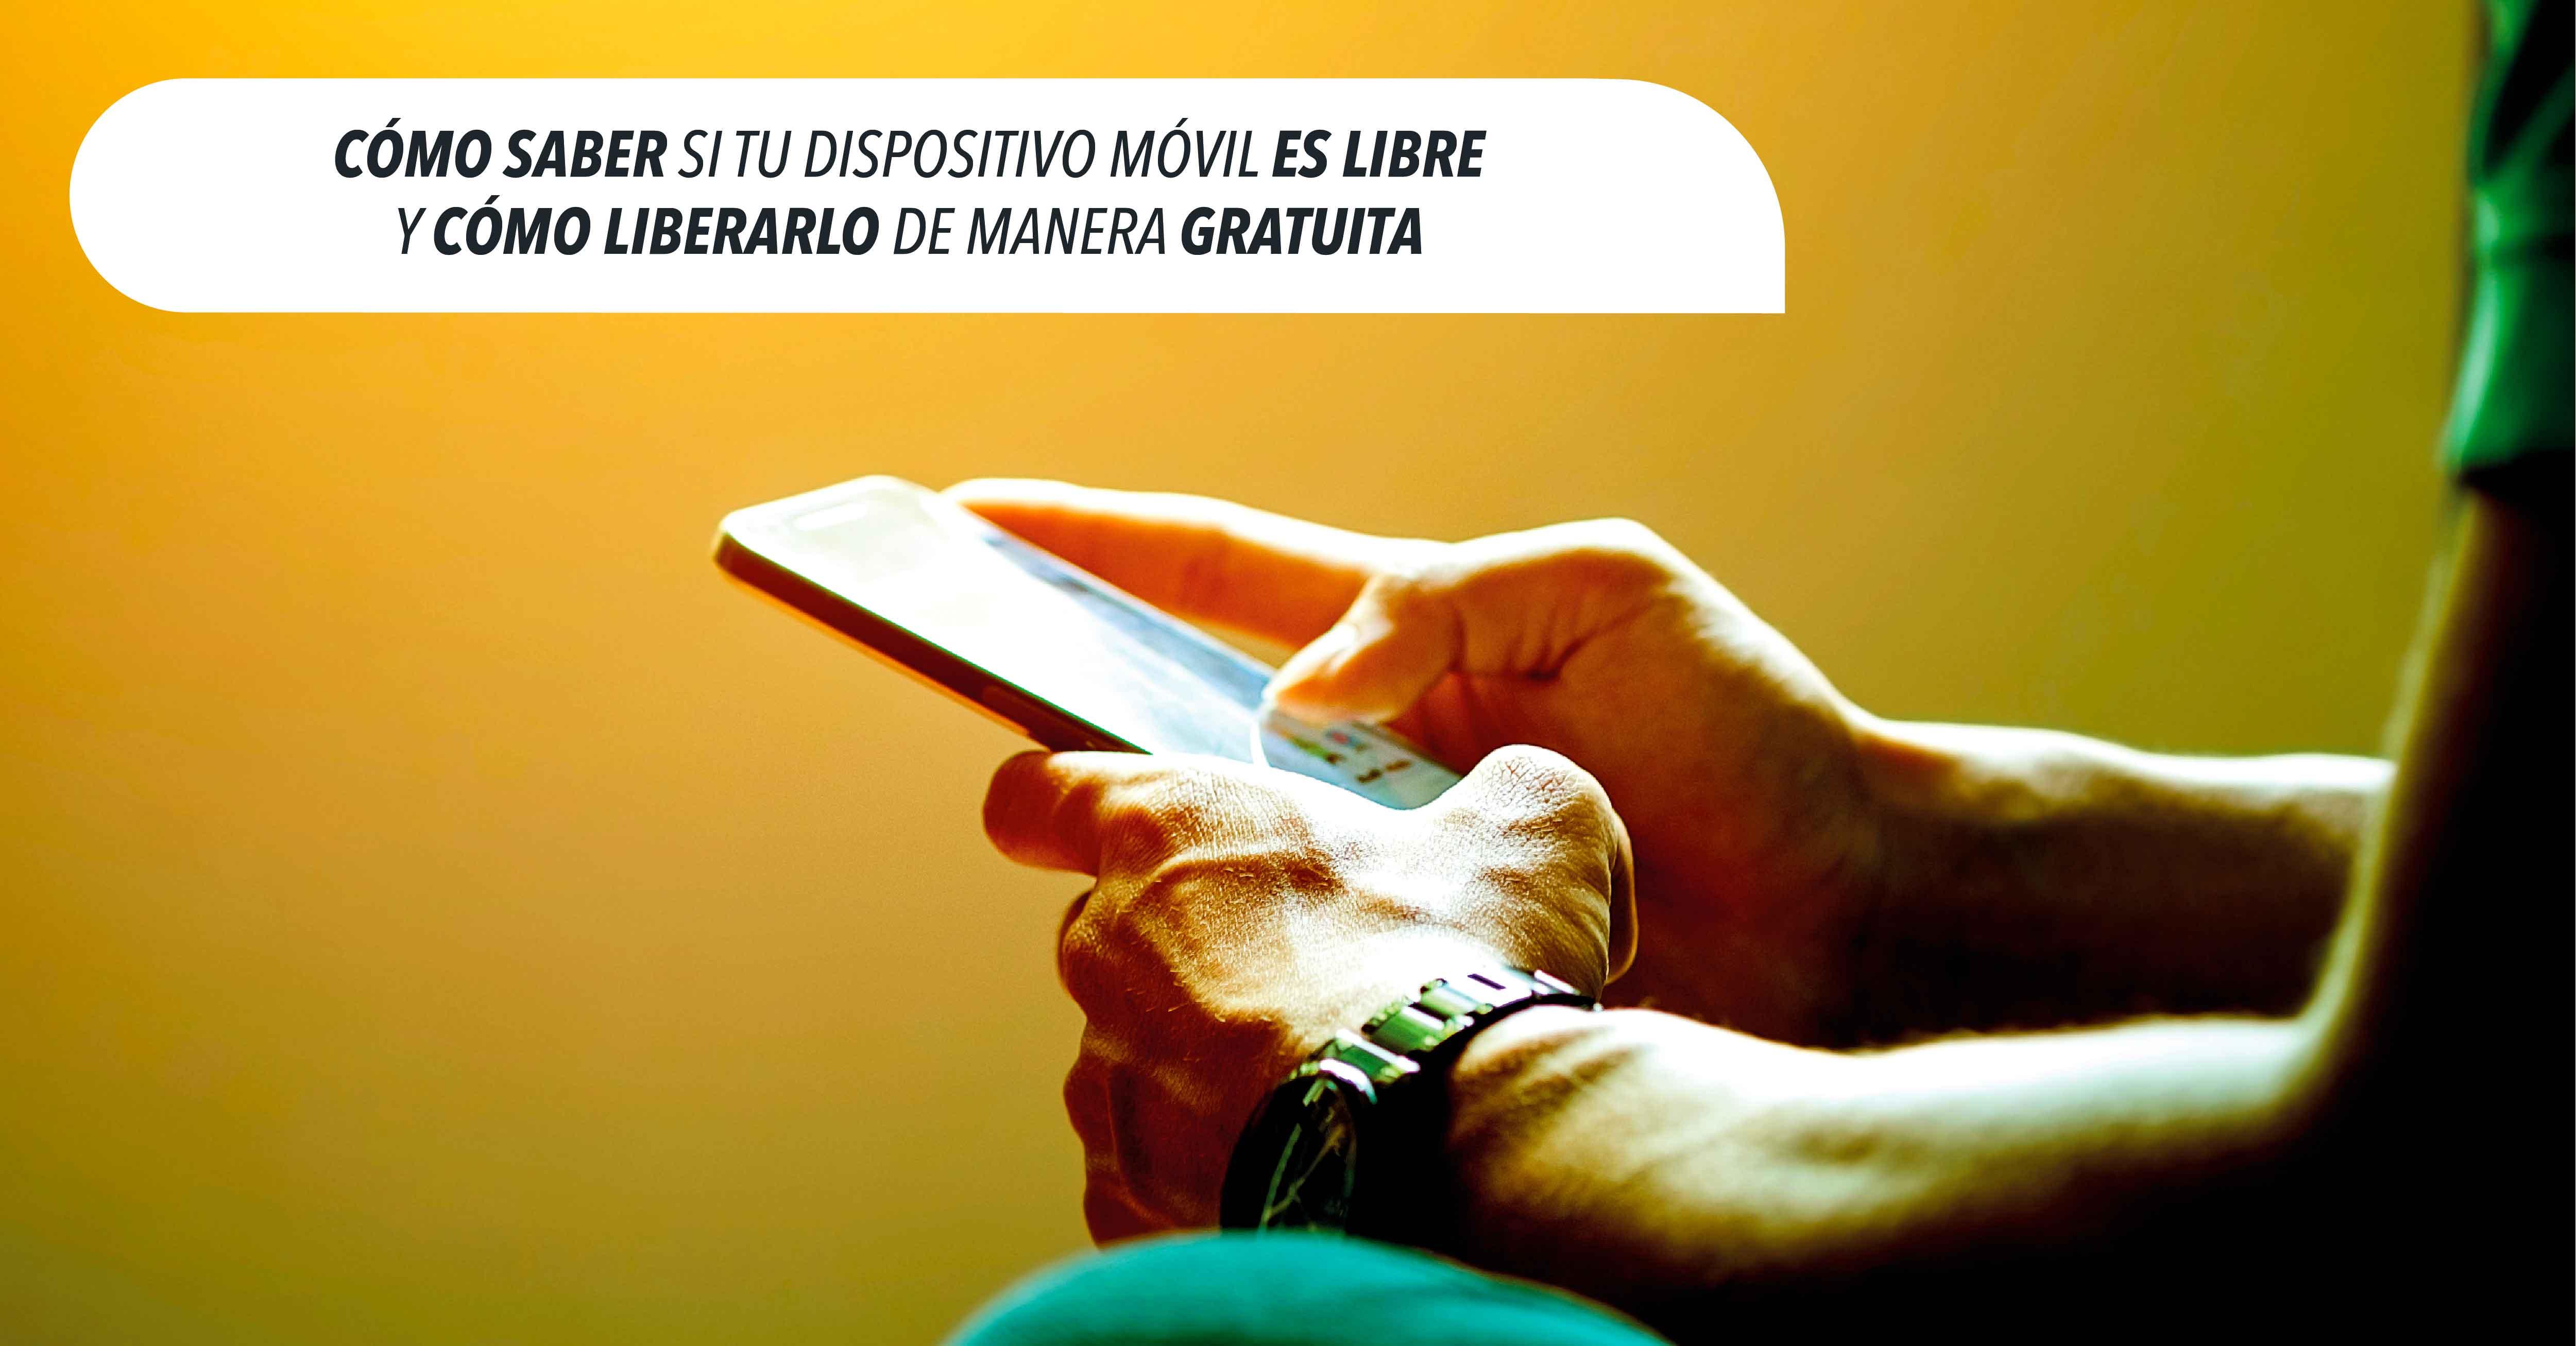 Cómo liberar tu móvil de forma gratuita